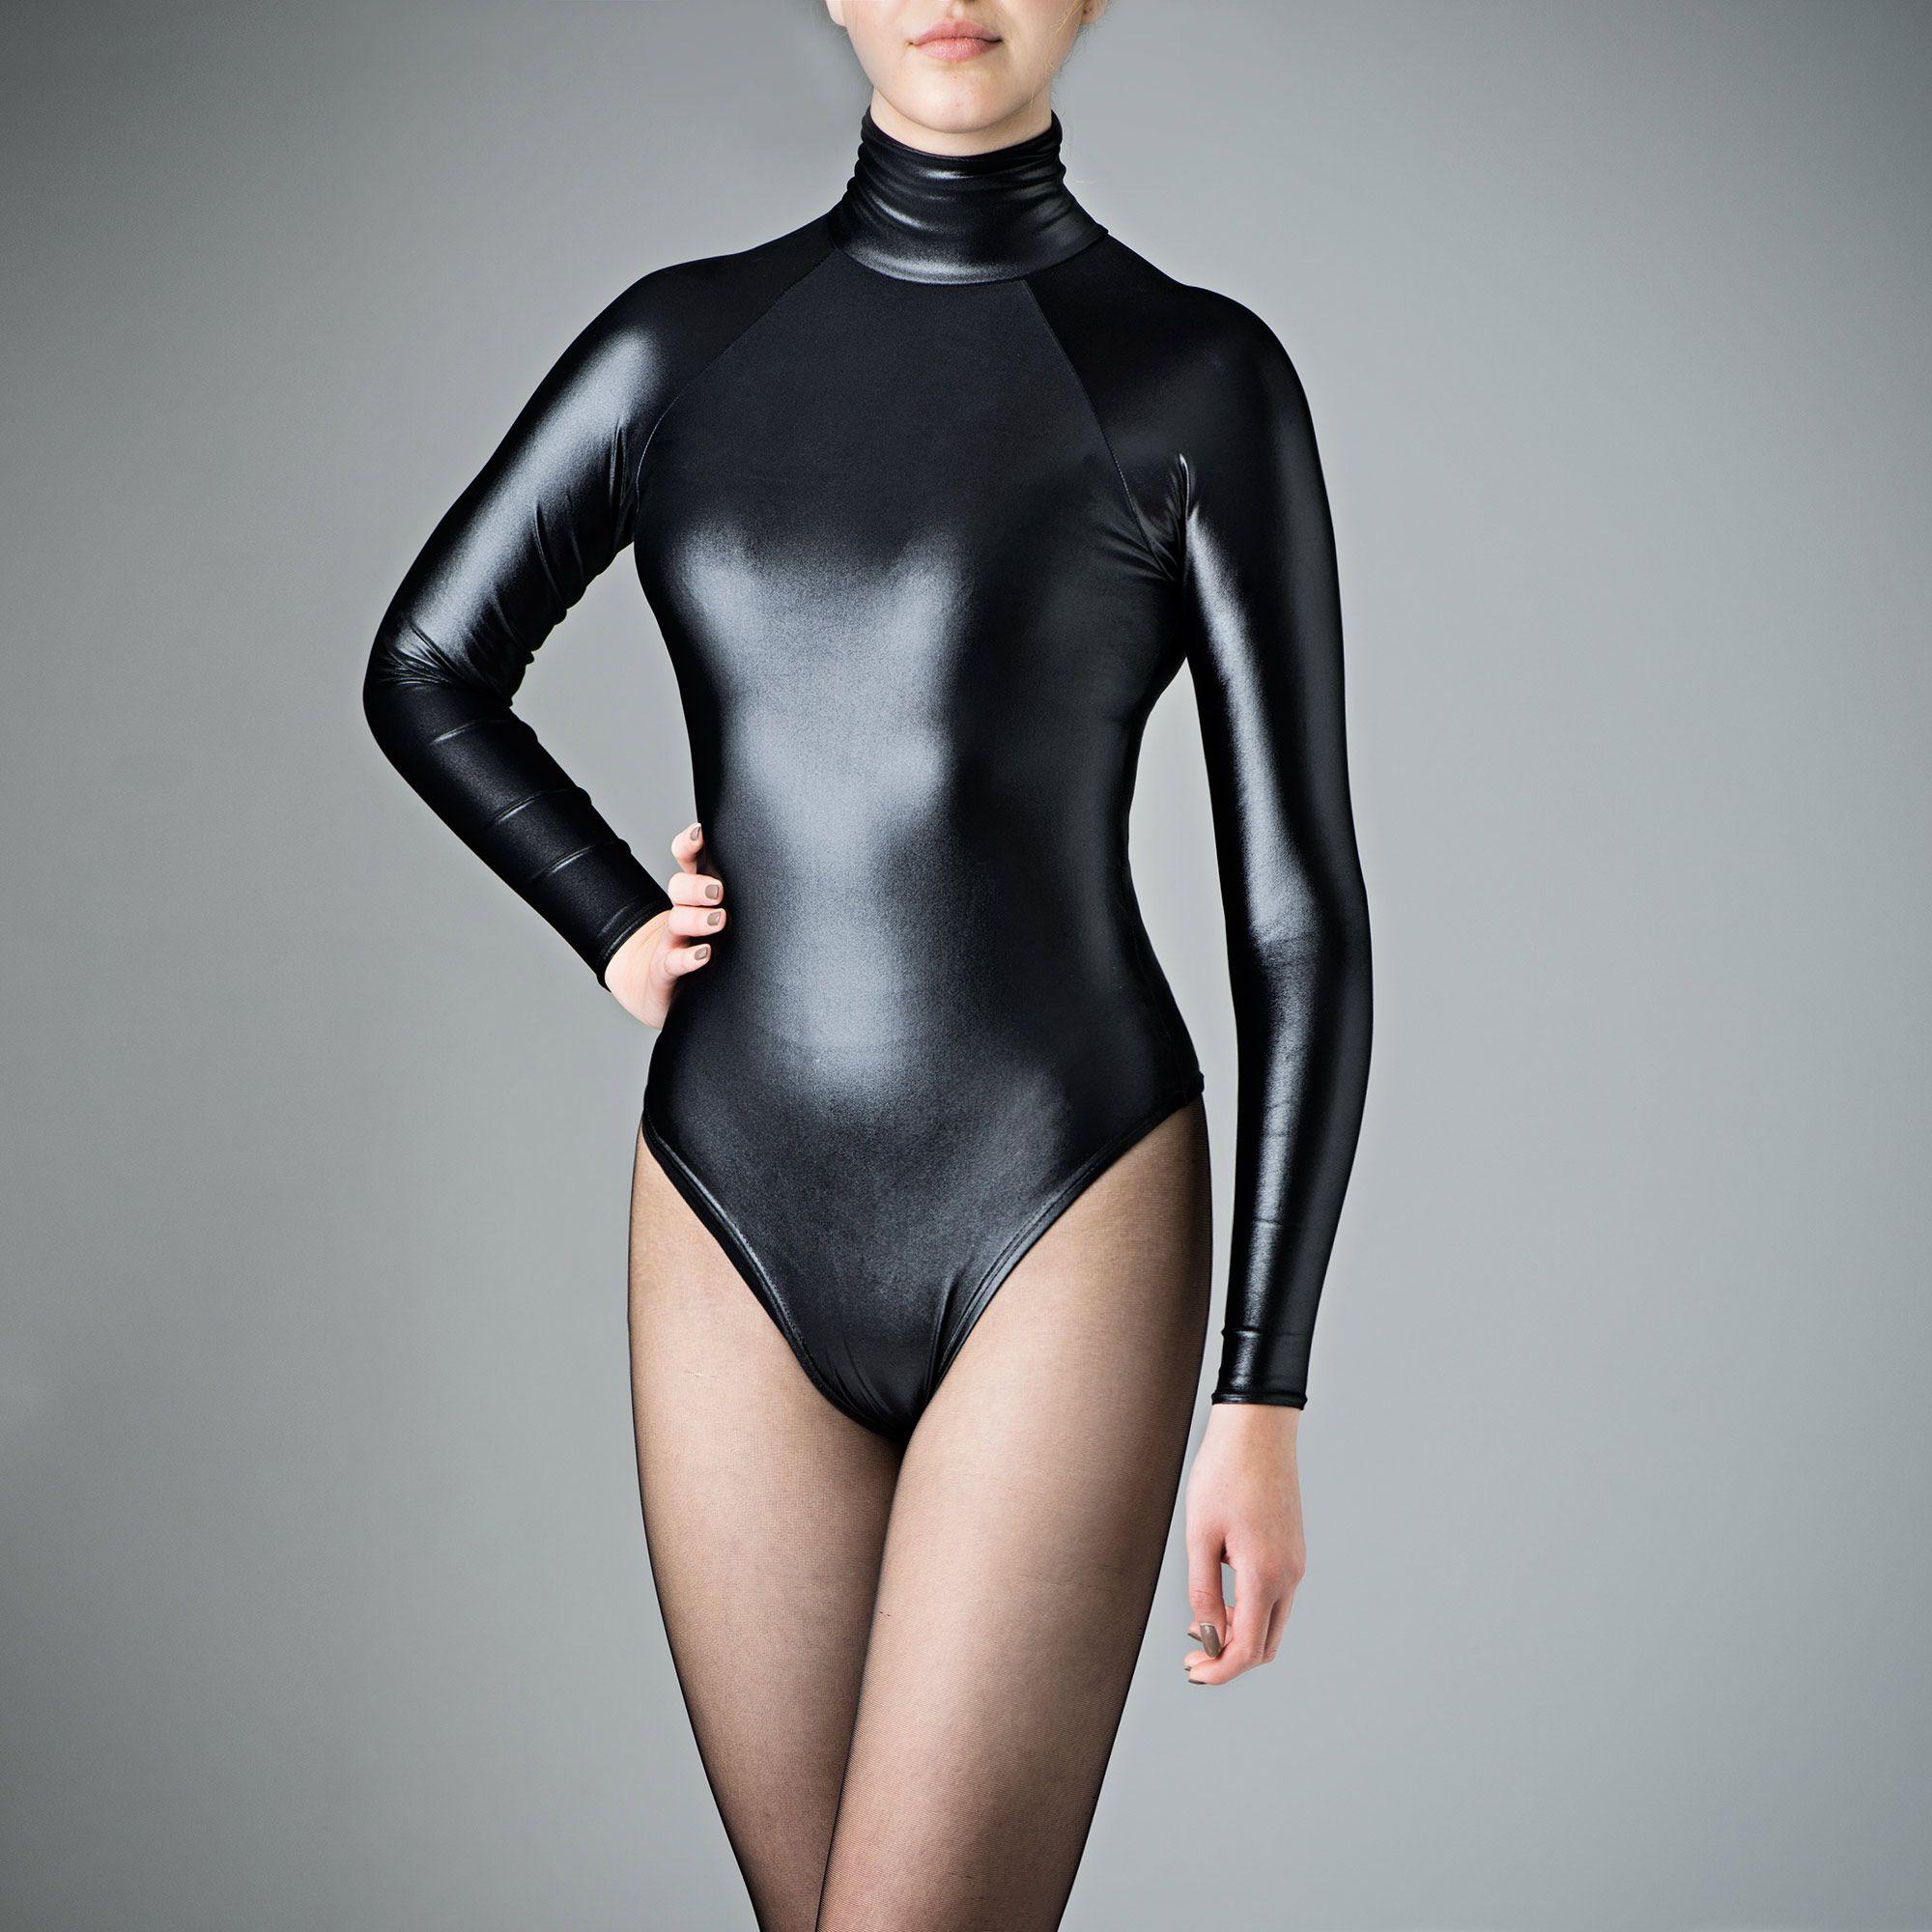 girls-in-tight-wet-speedo-bodysuits